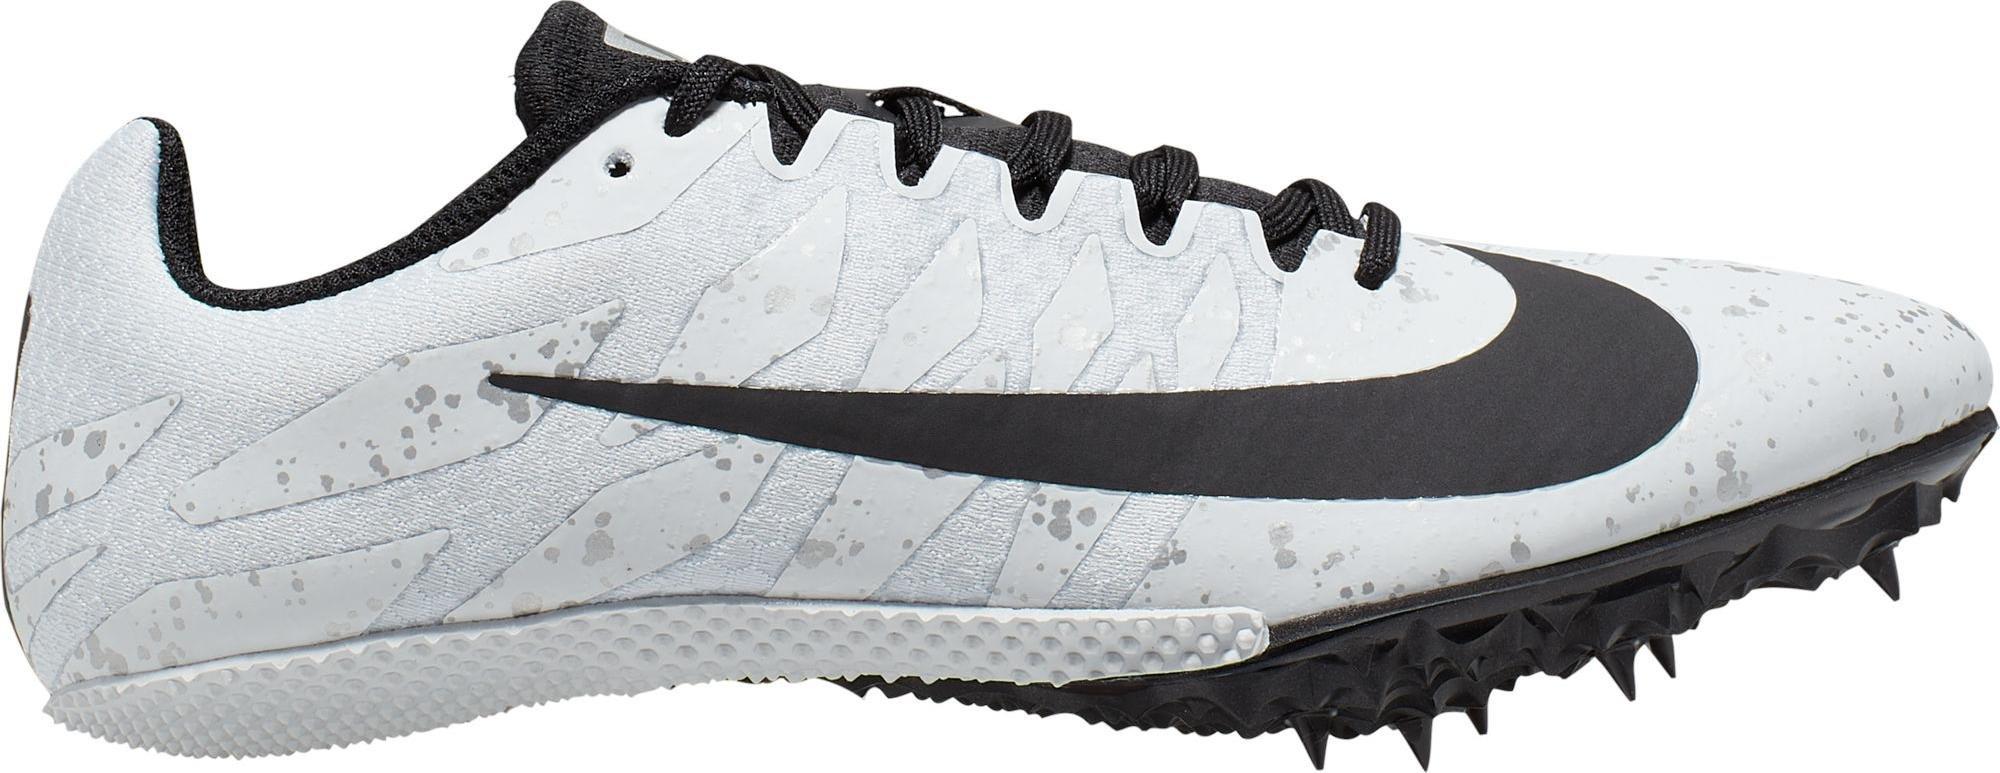 Dámské sprinterské tretry Nike Zoom Rival S 9